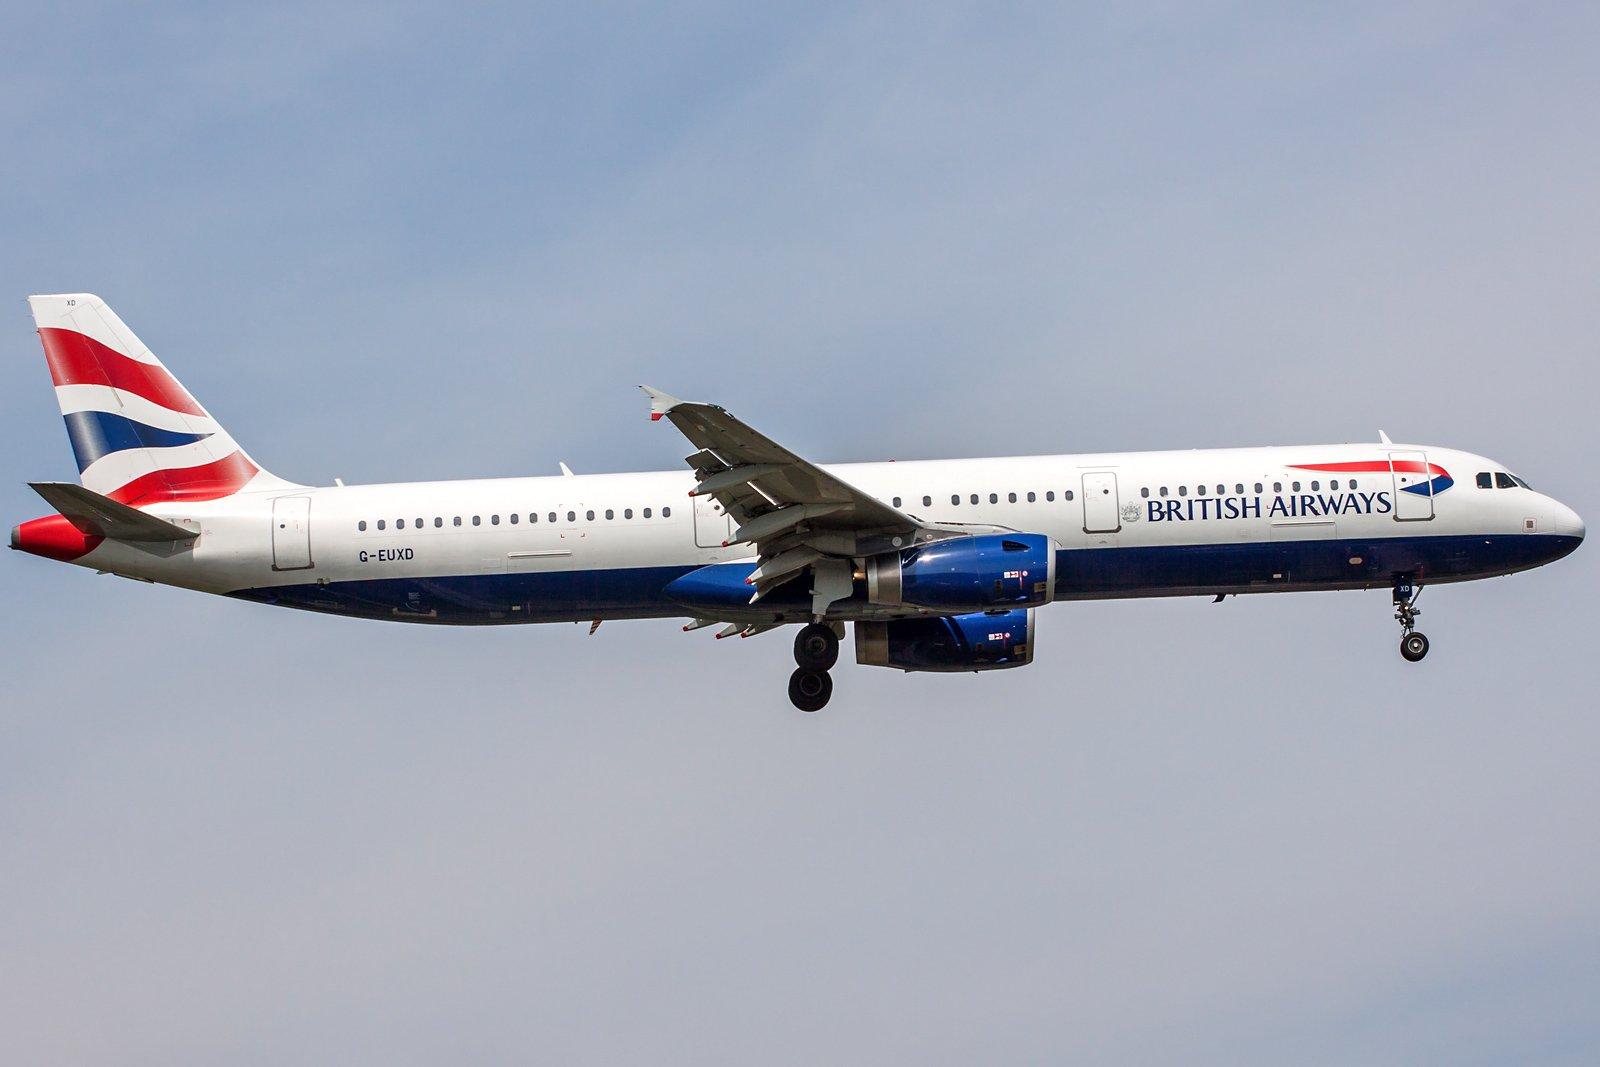 British Airways Airbus A321-231 G-EUXD